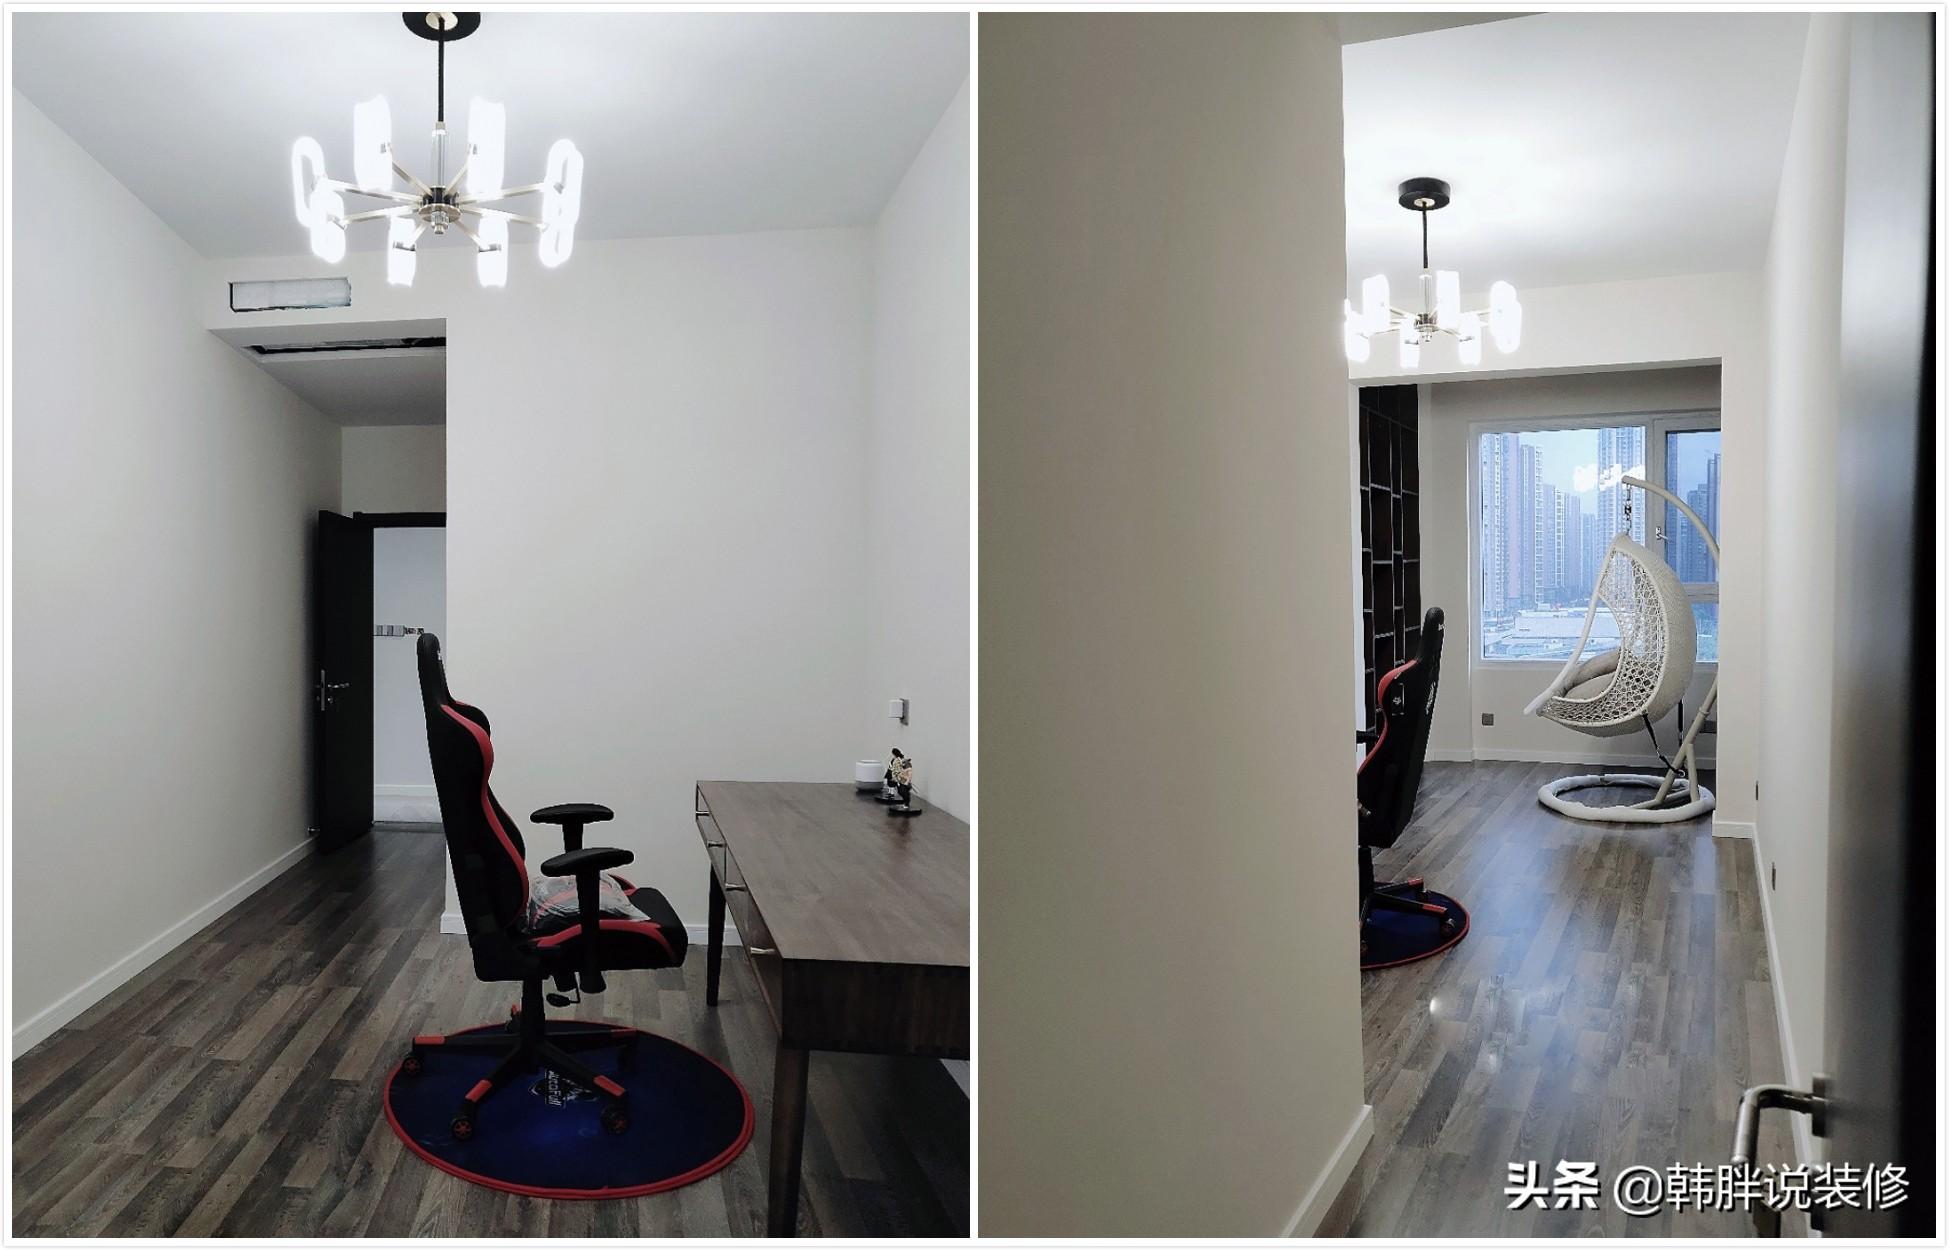 新房终于完工了,打扫干净正晾着通风,偷偷装个衣帽间给老婆惊喜